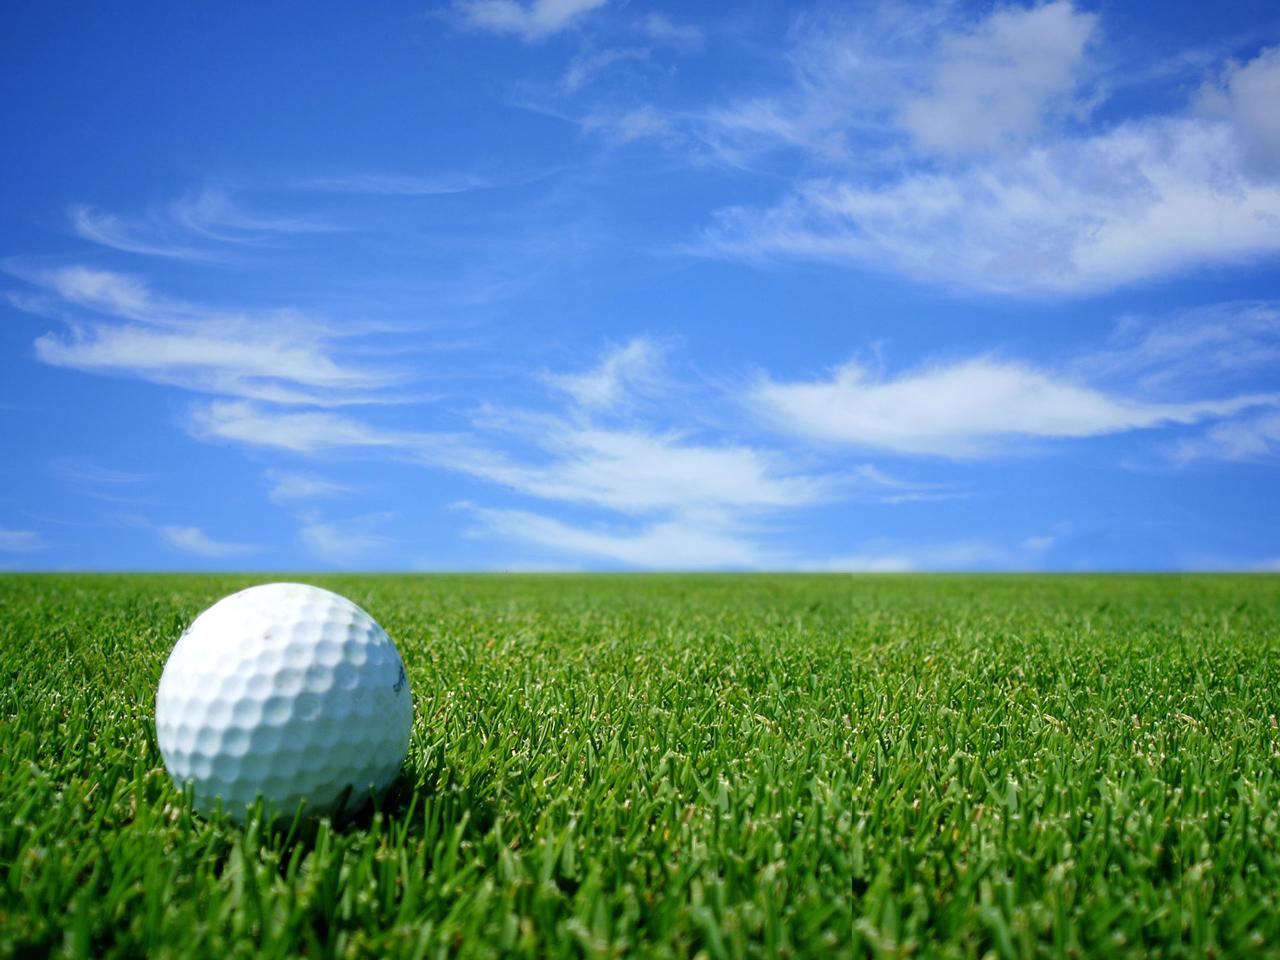 golf screensaver Wallpaper Downloads 1280x960